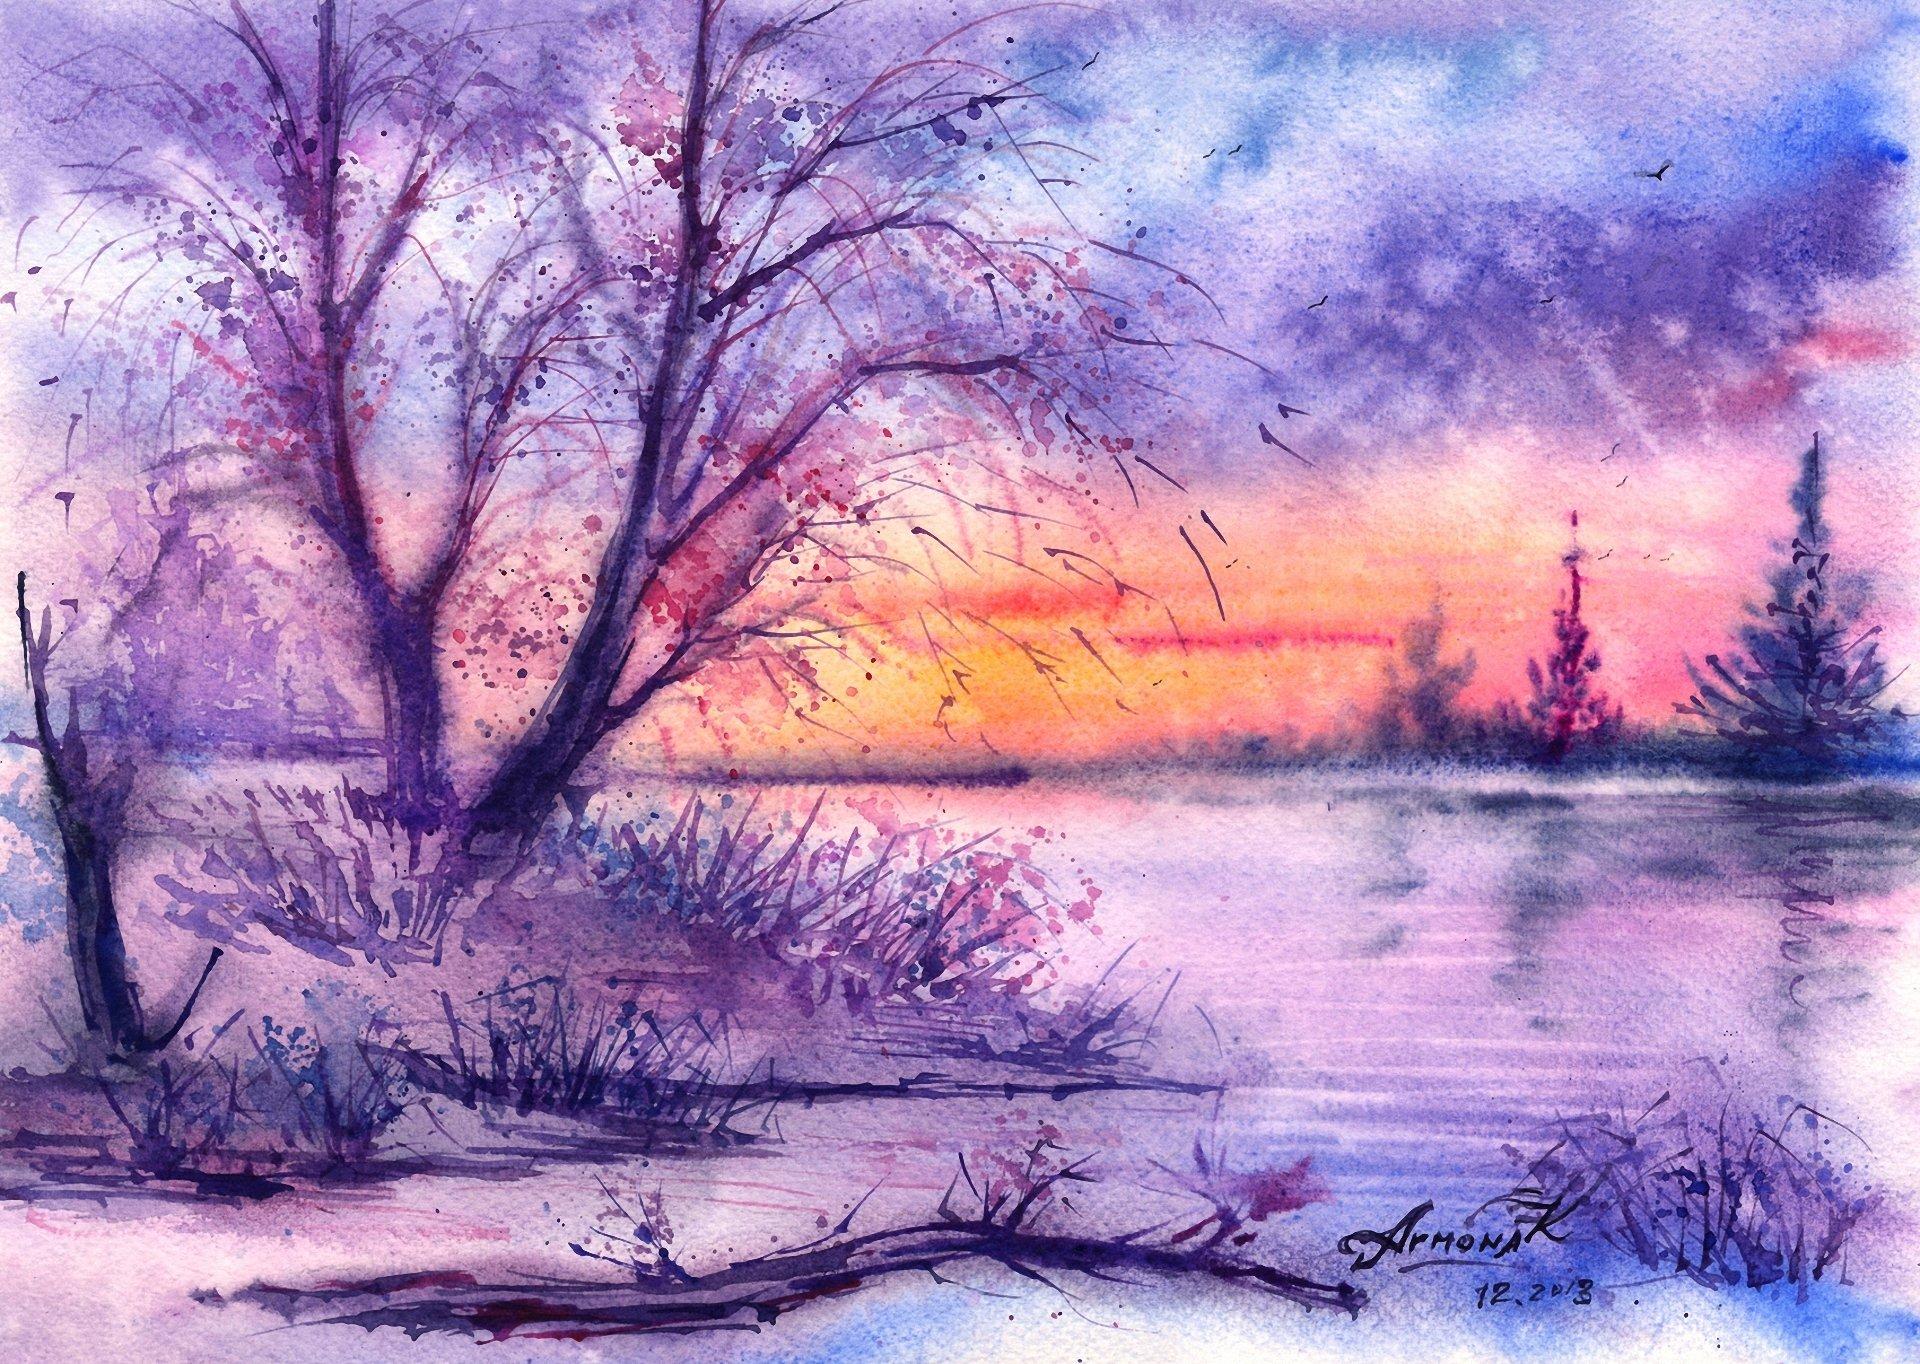 Патриот, картинки зимы для срисовки